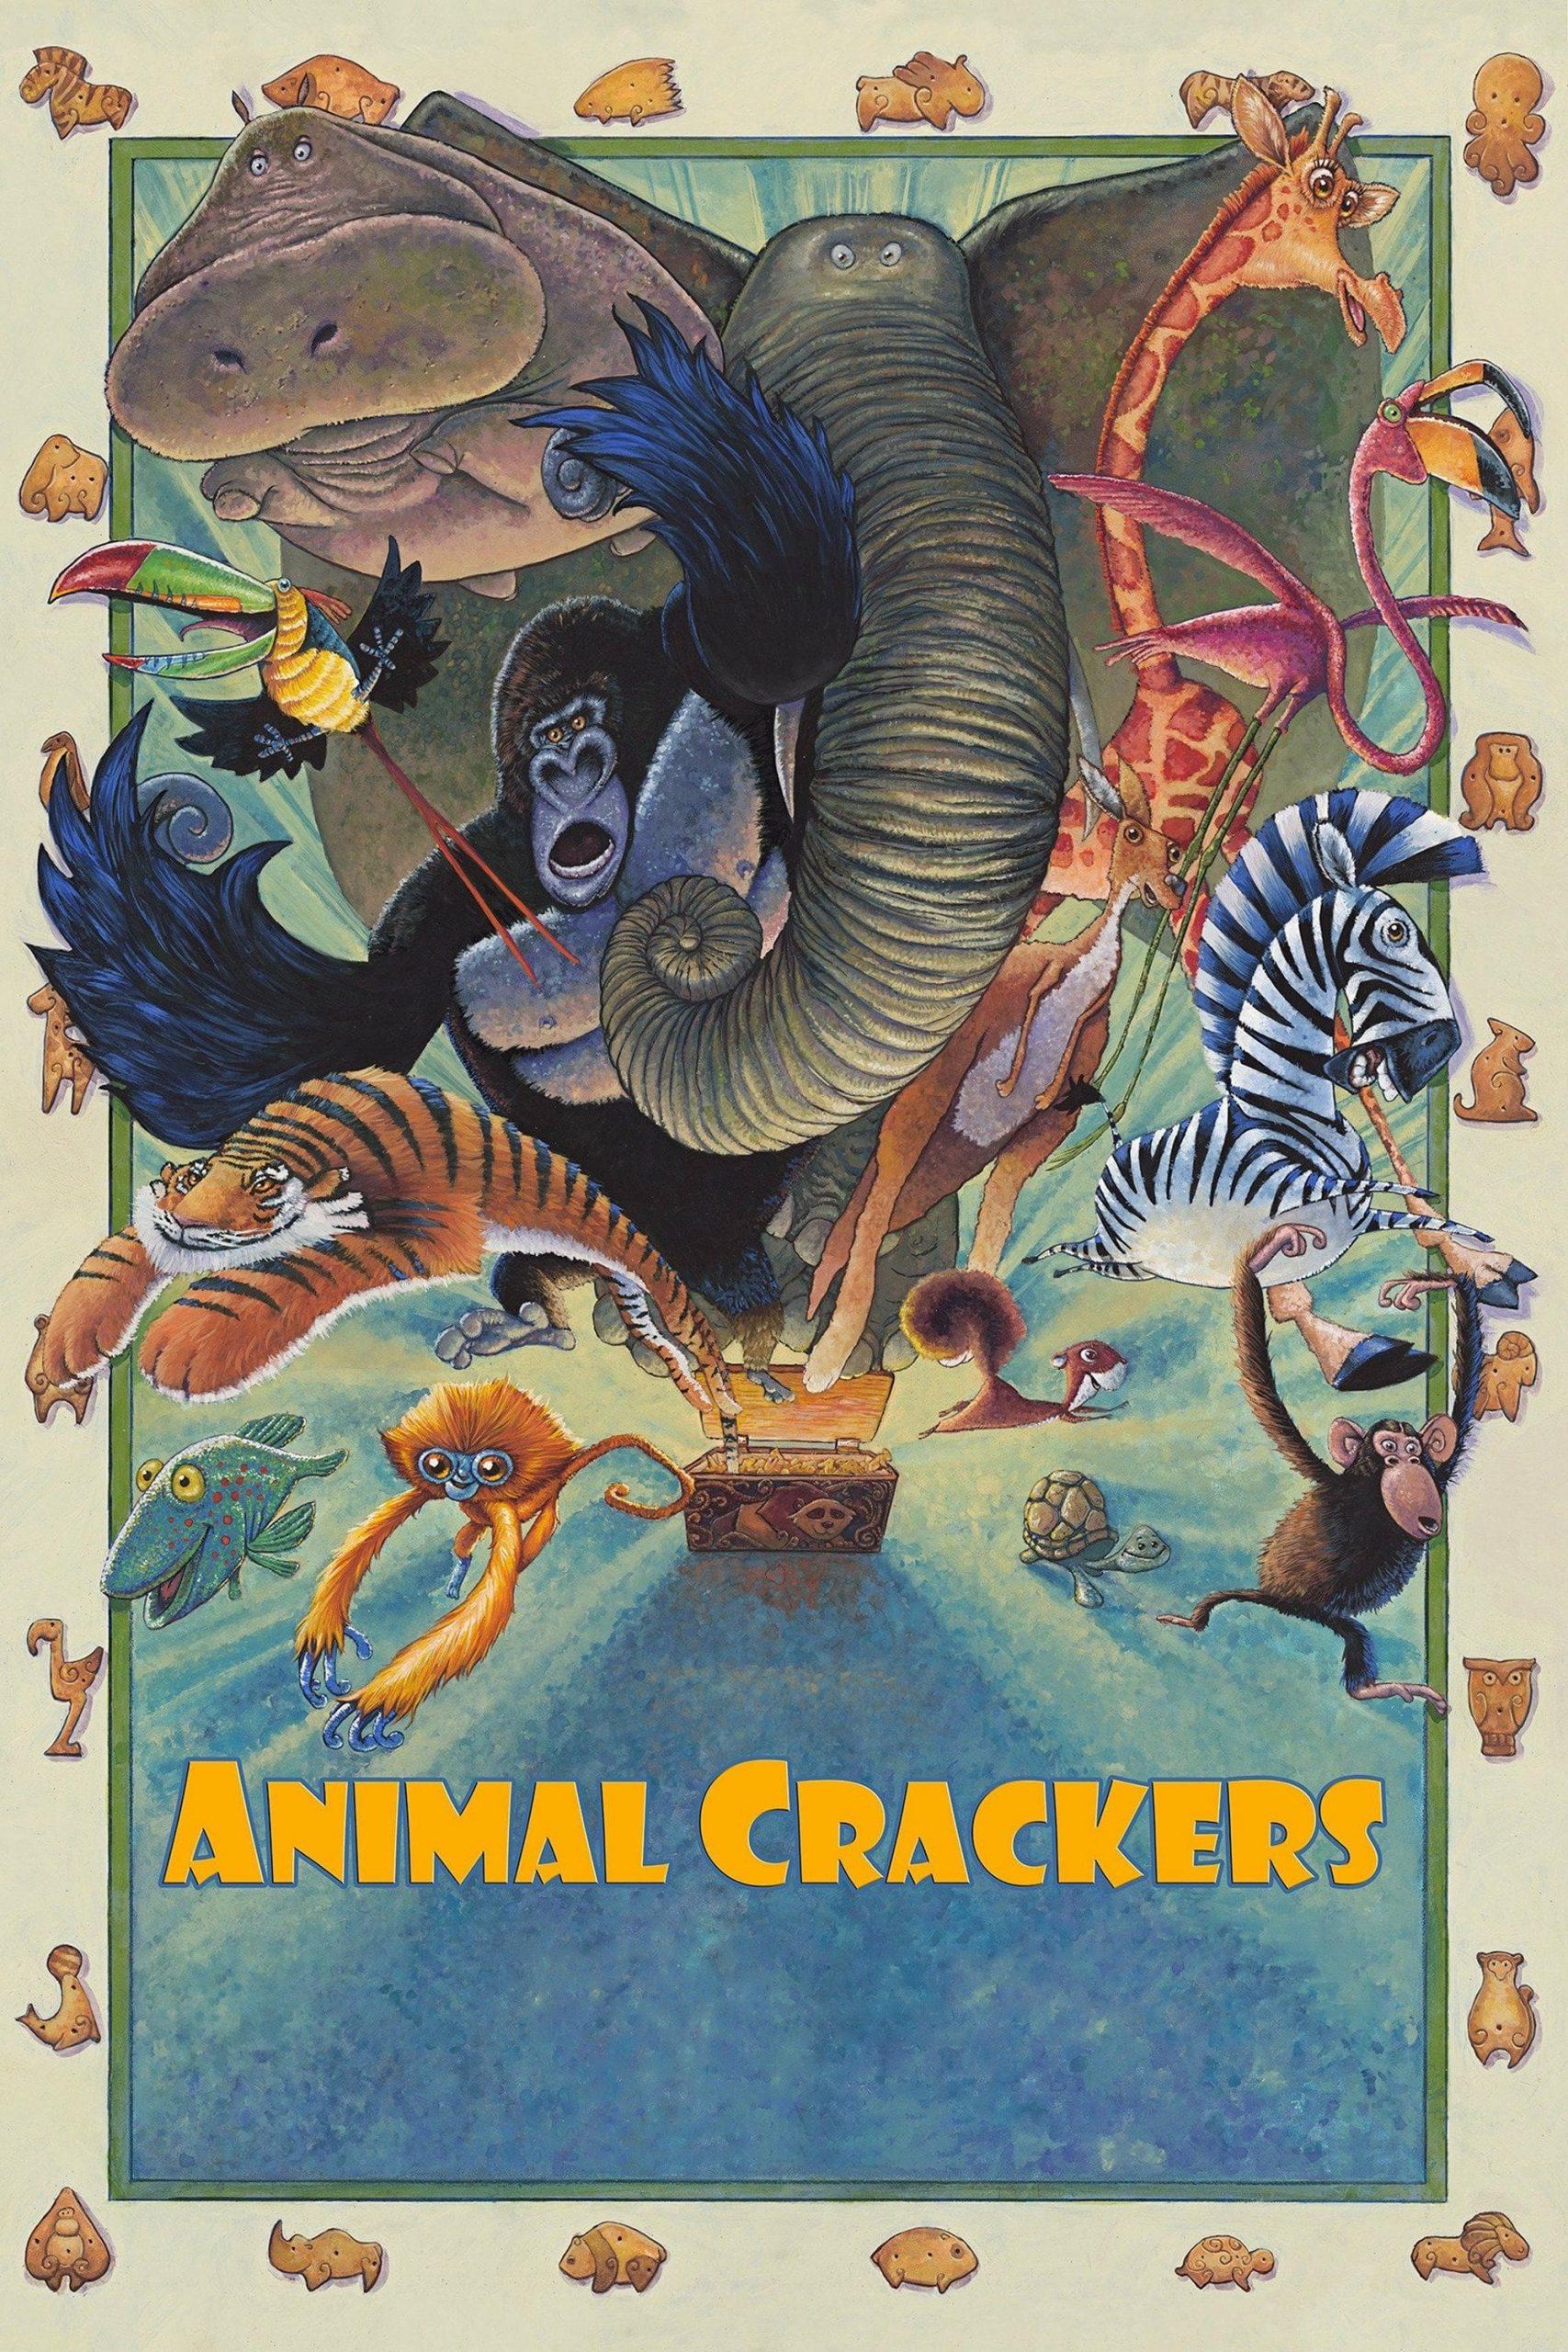 دانلود انیمیشن Animal Crackers 2017 با دوبله فارسی